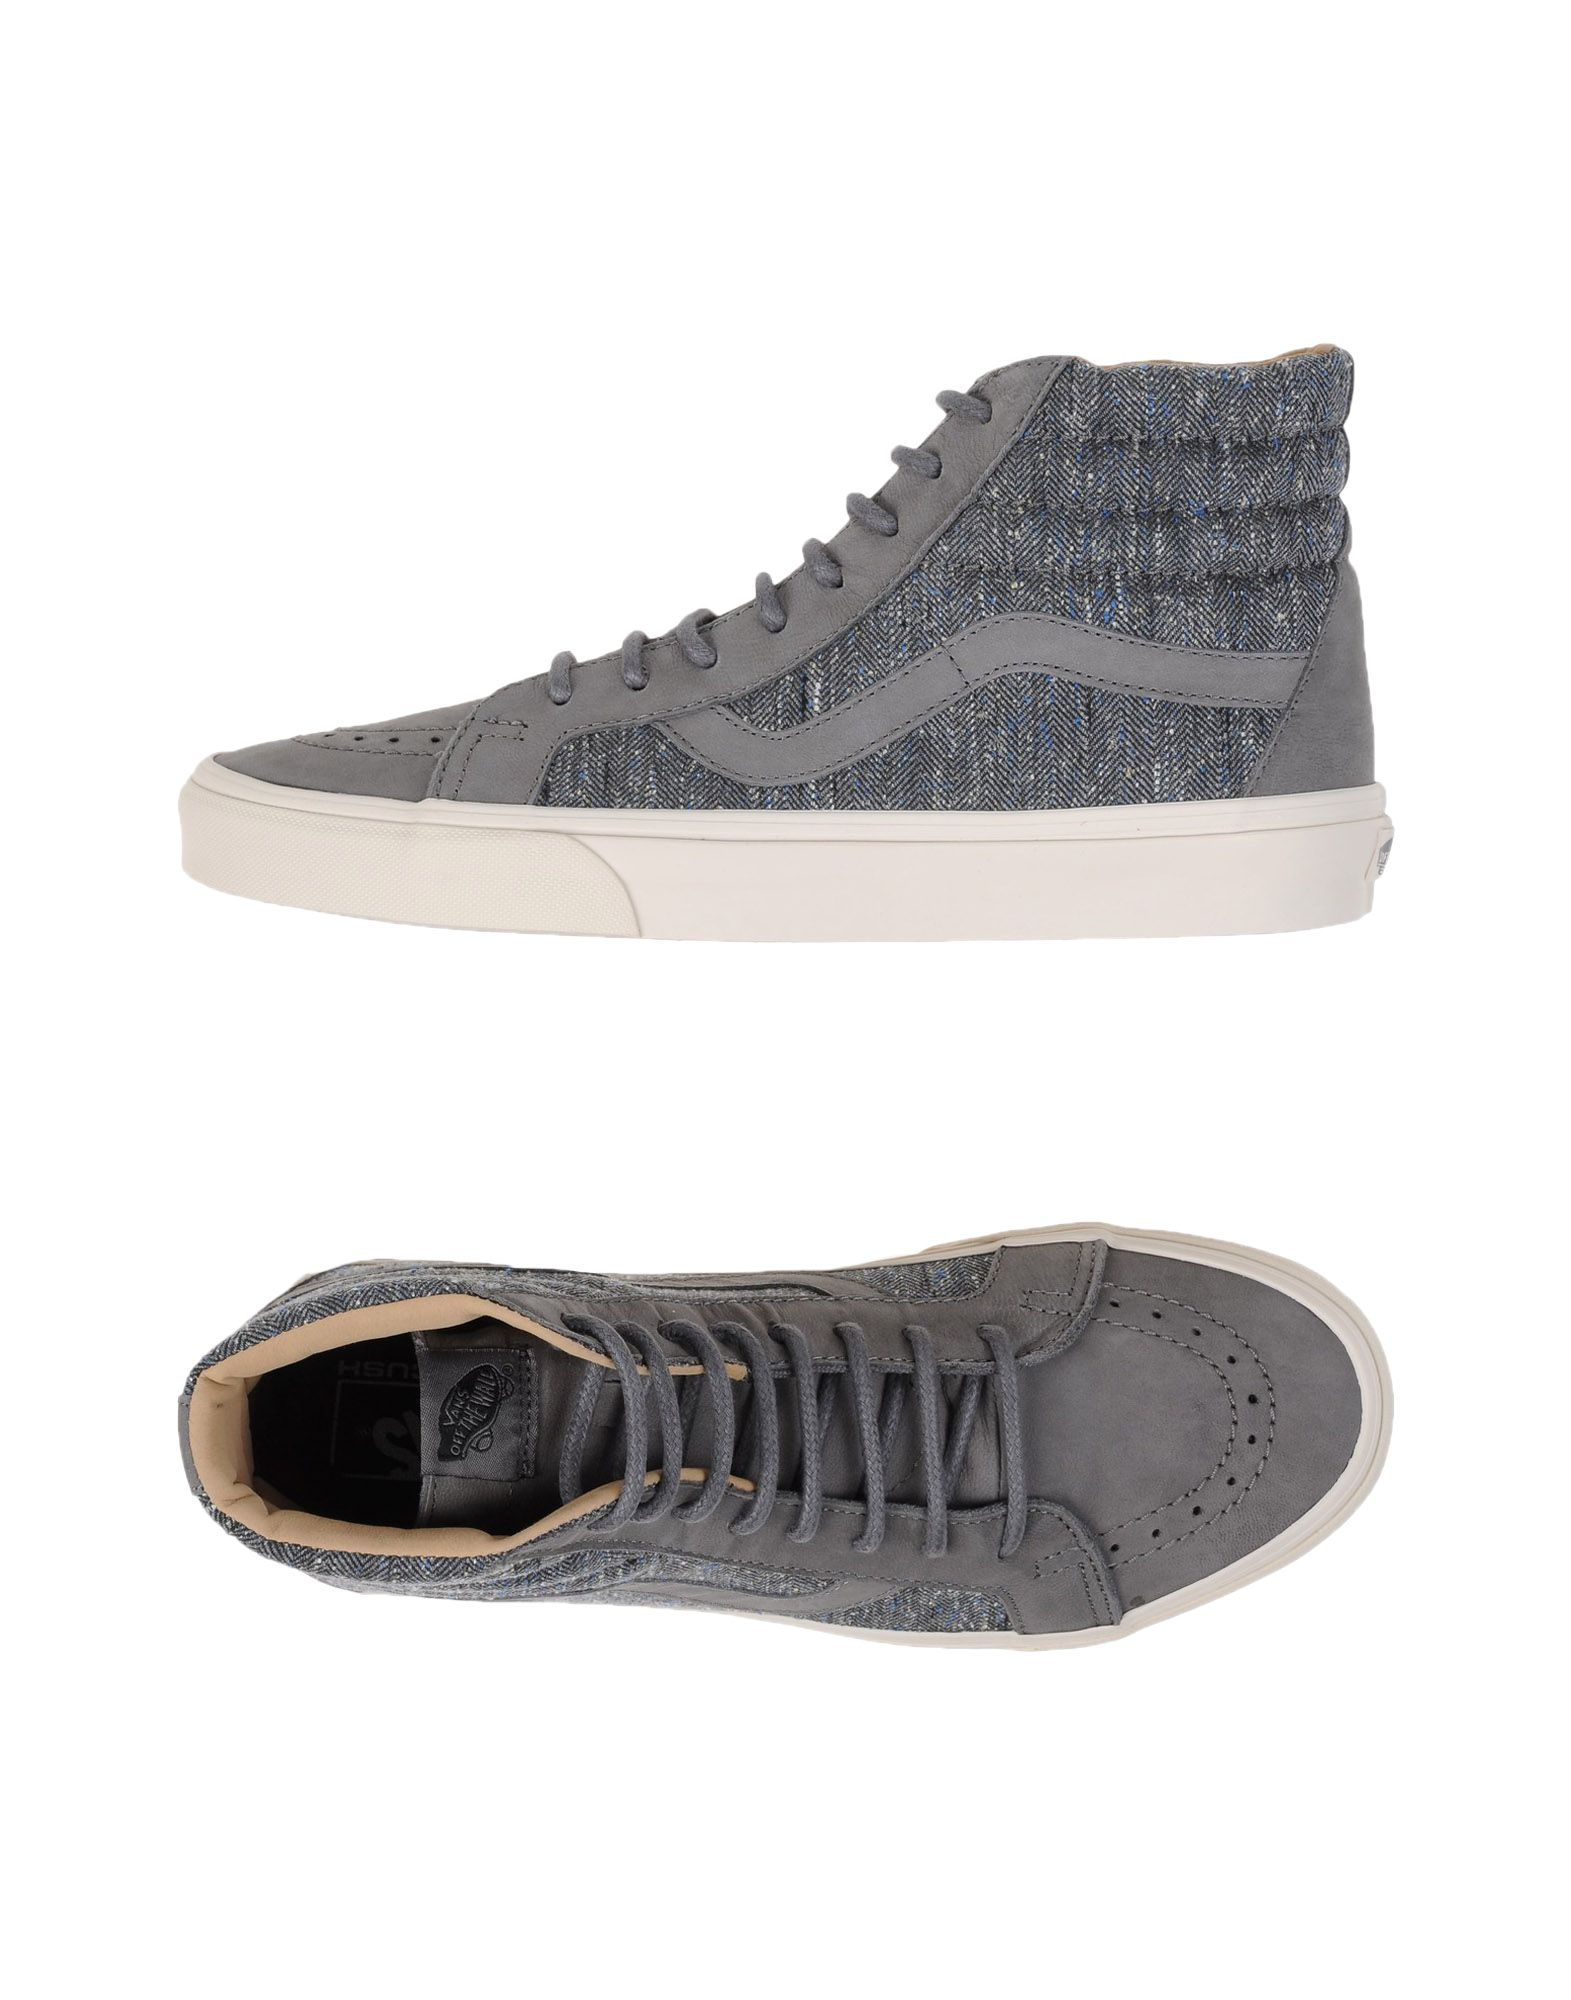 Sneakers Vans Sk8-Hi Reissue Dx - Uomo - 11108322RD